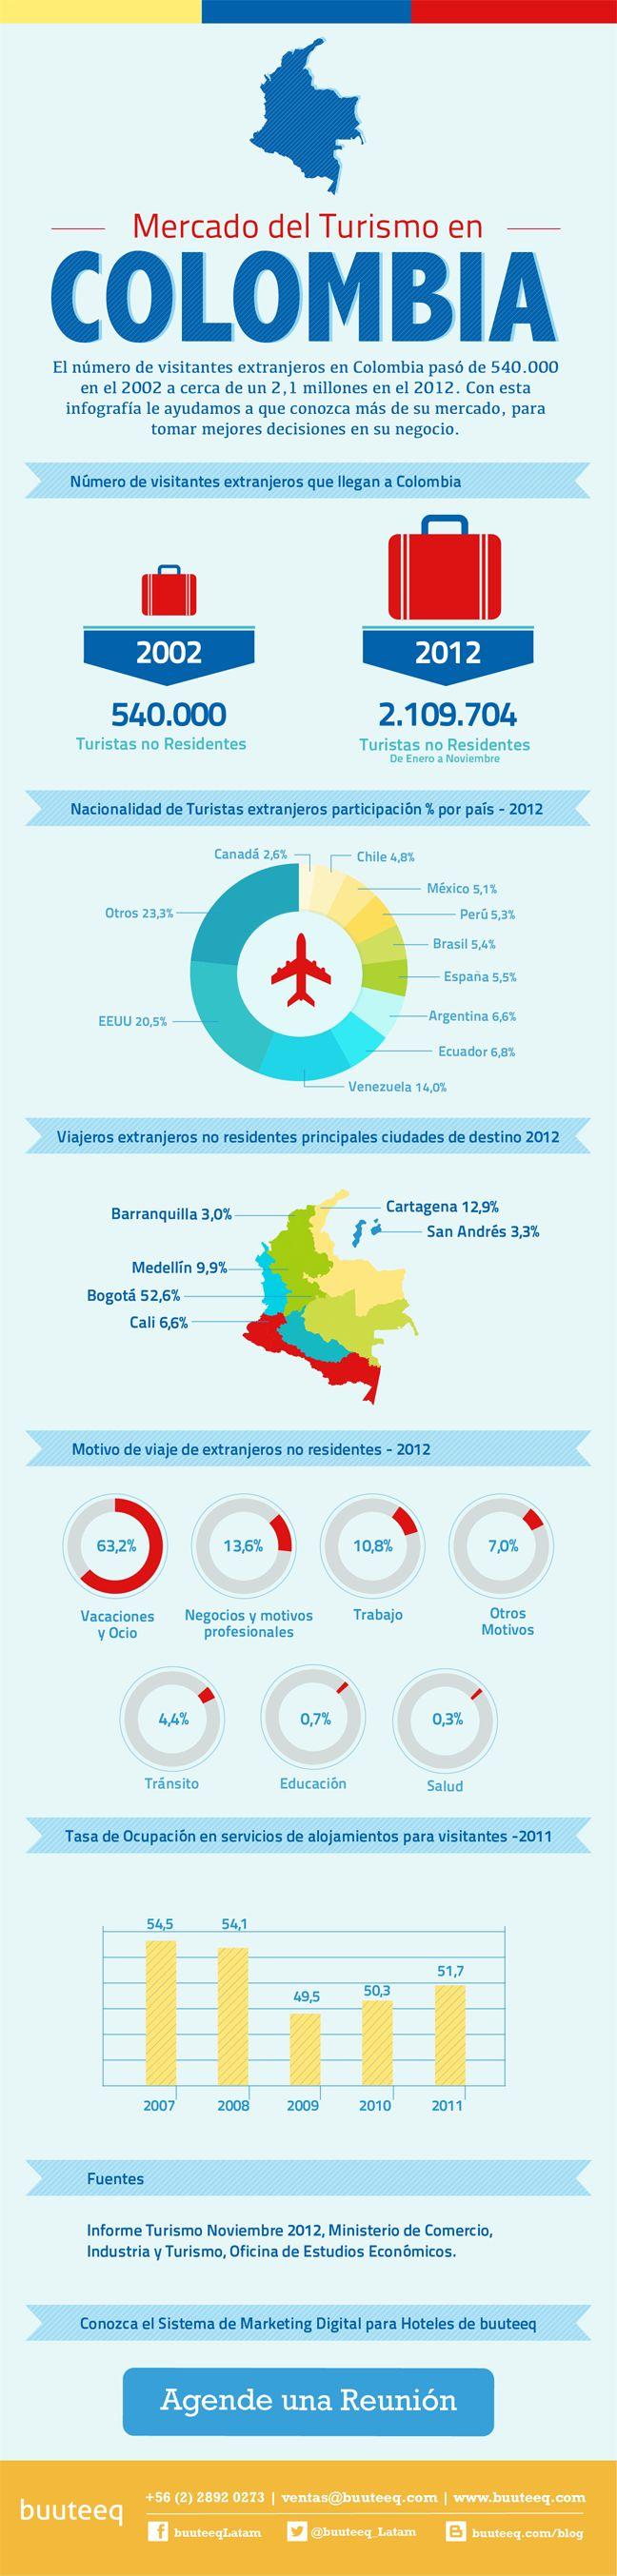 Turismo en Colombia ✨#TheCrazyCities #crazyCOLOMBIA #SomosTurismo